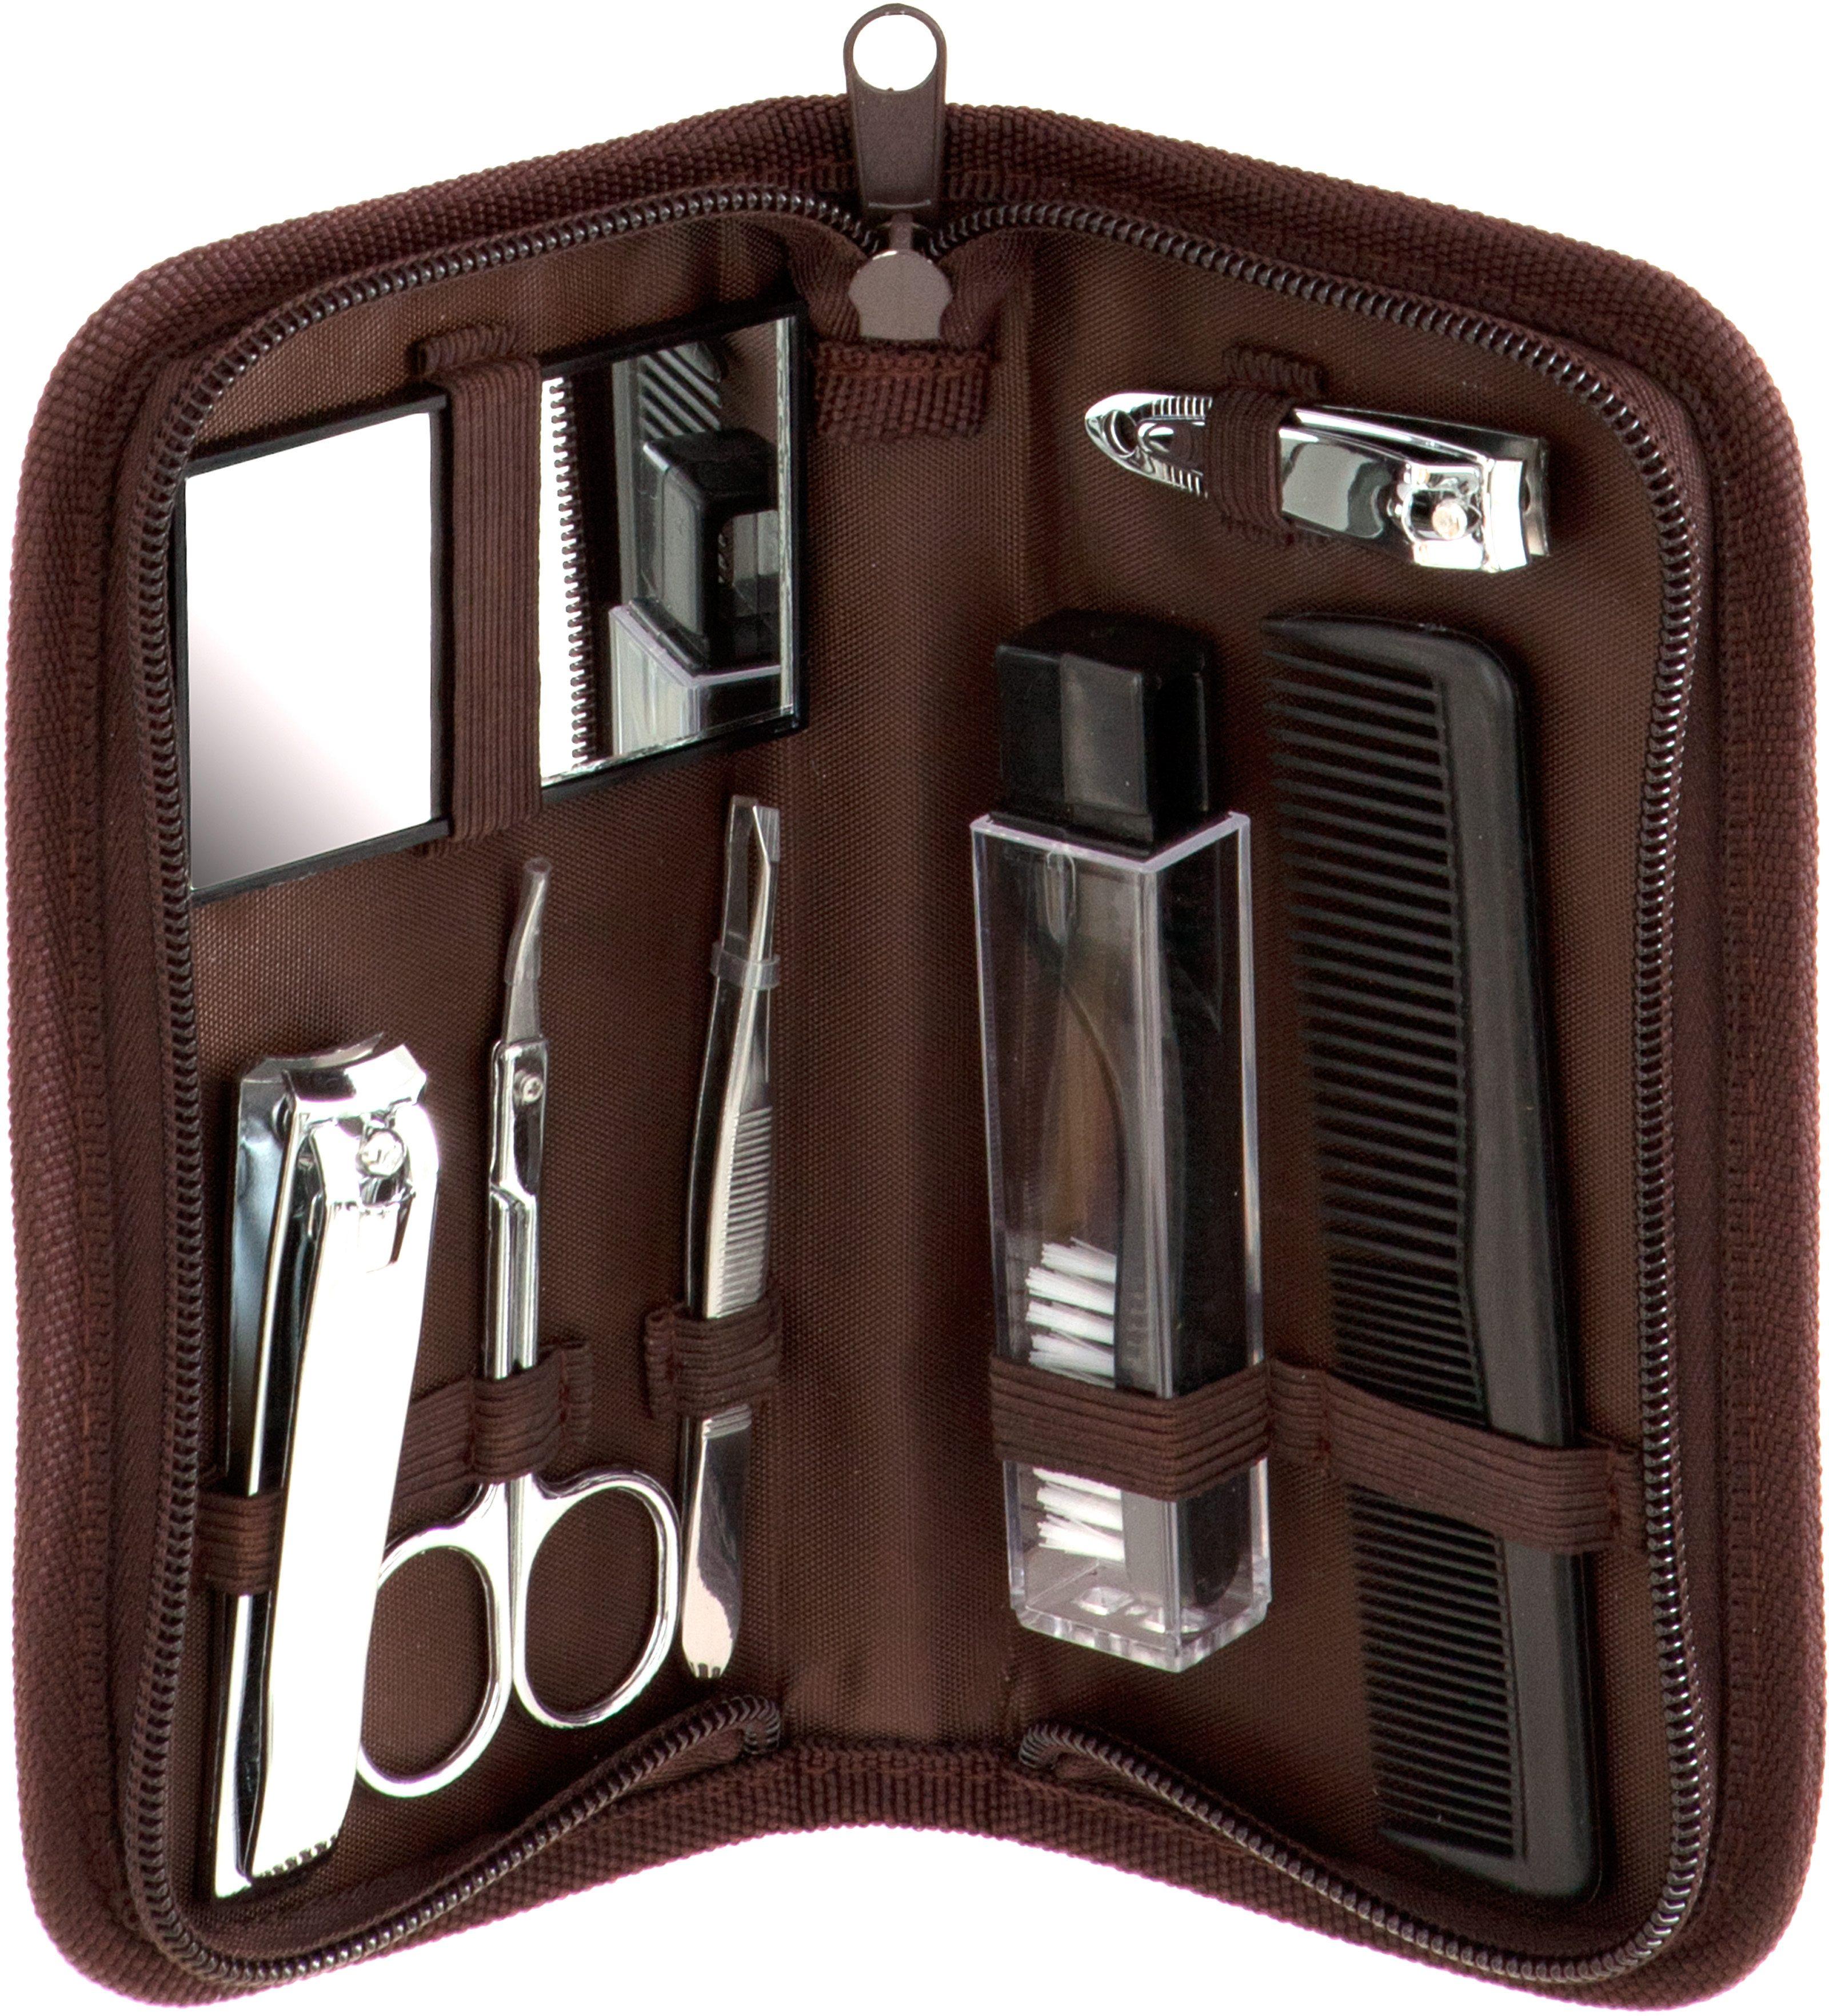 »Man'Stuff Handy Manicure Set«, Maniküre-Etui